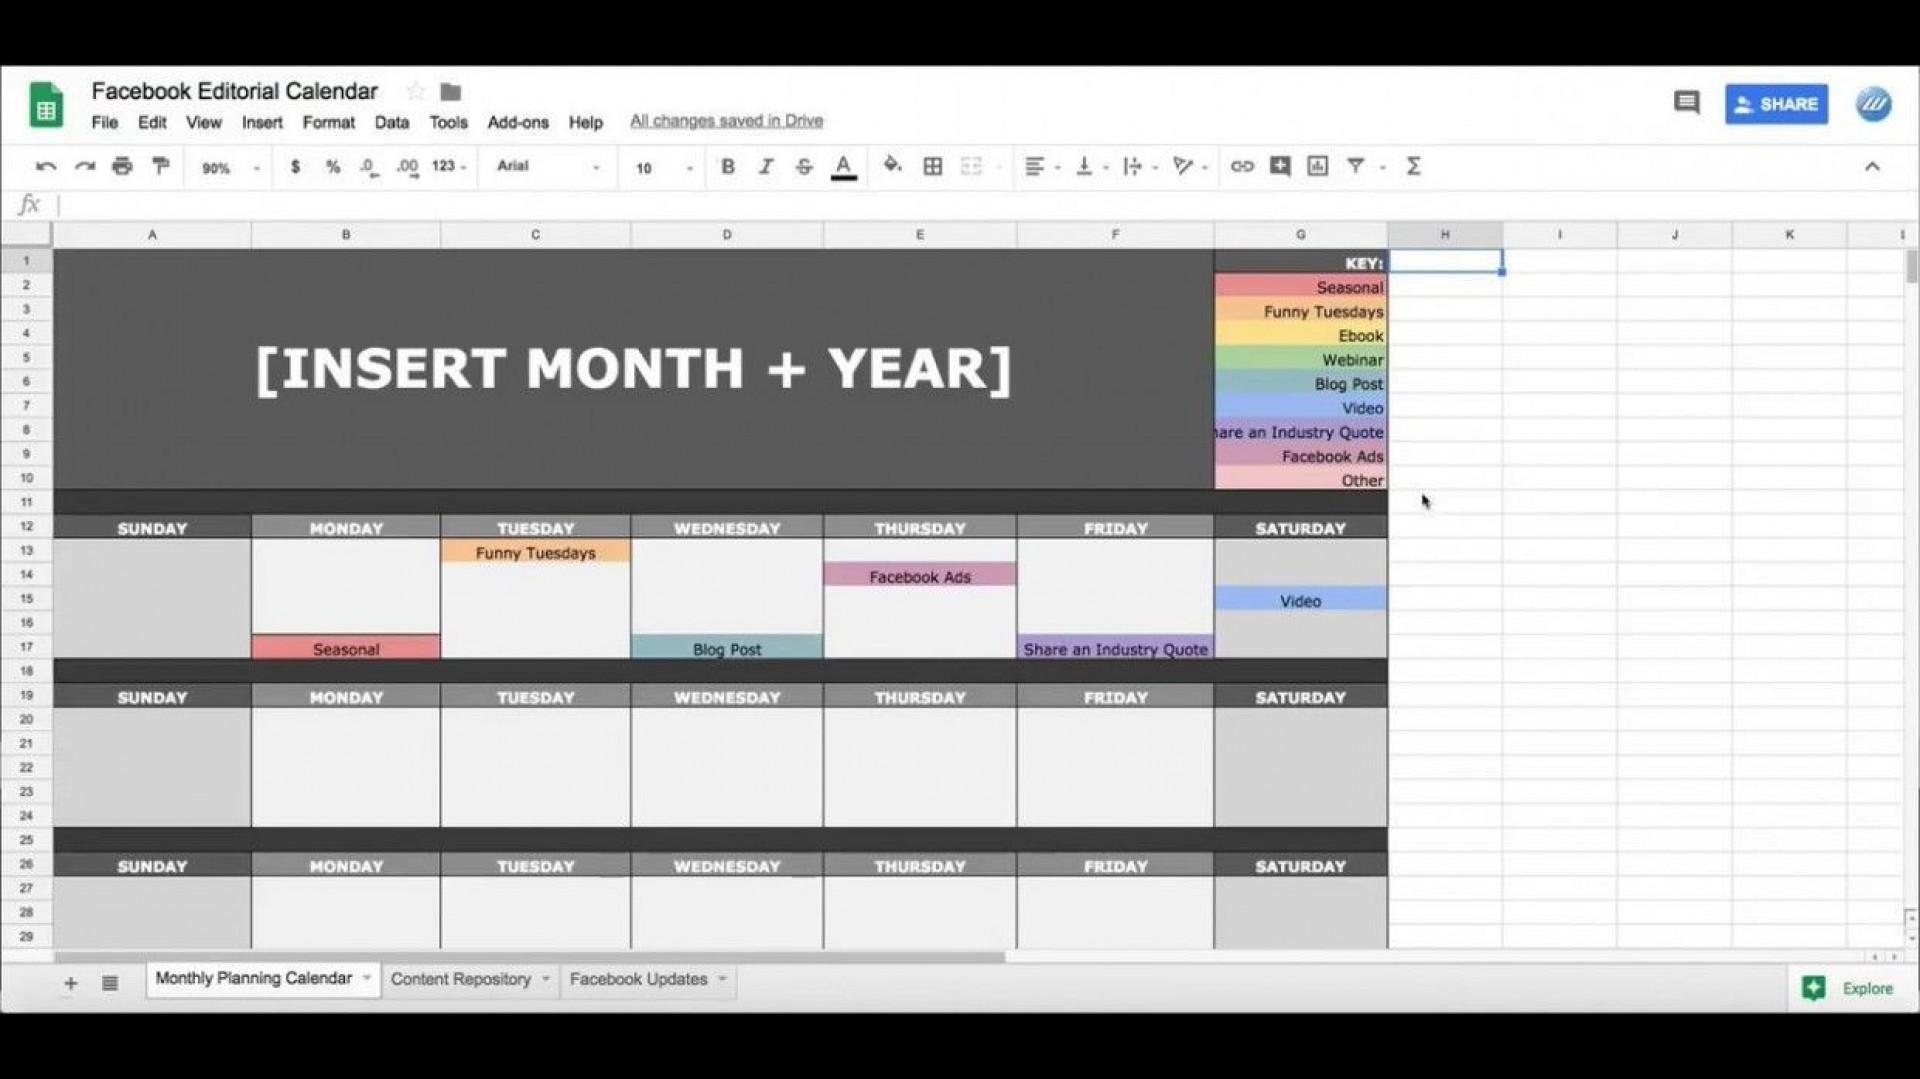 002 Surprising Google Sheet Calendar Template High Resolution  Templates Monthly Spreadsheet 2020 20181920